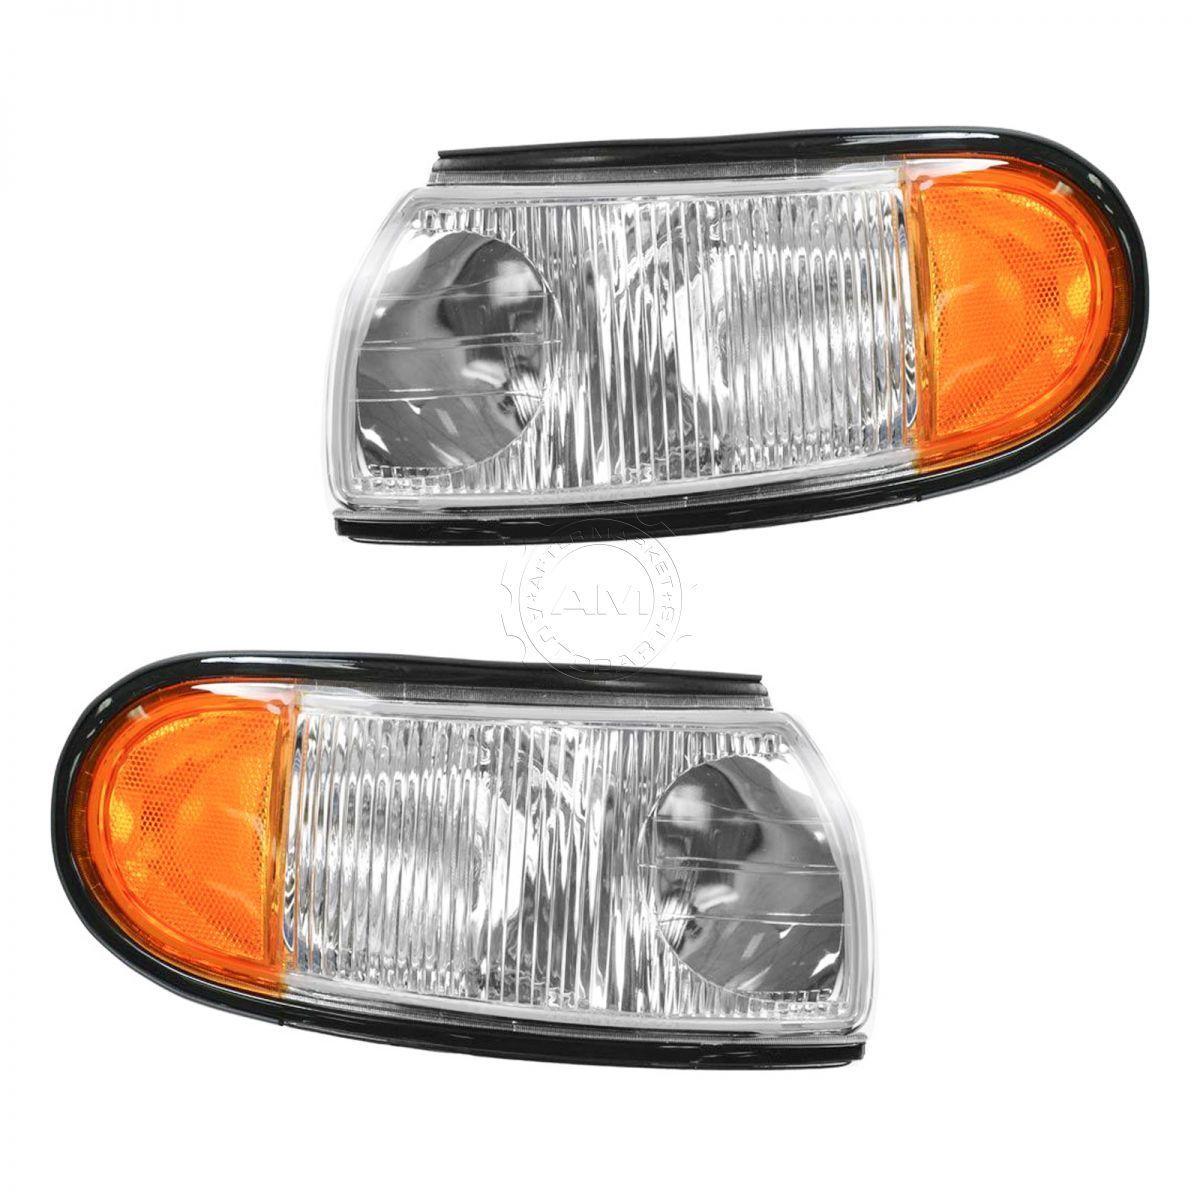 コーナーライト Marker Signal Blinker Indicator Corner Parking Light Pair Set for 96-98 Villager マーカー信号点滅インジケータコーナー駐車場ライトペア96-98居住者用